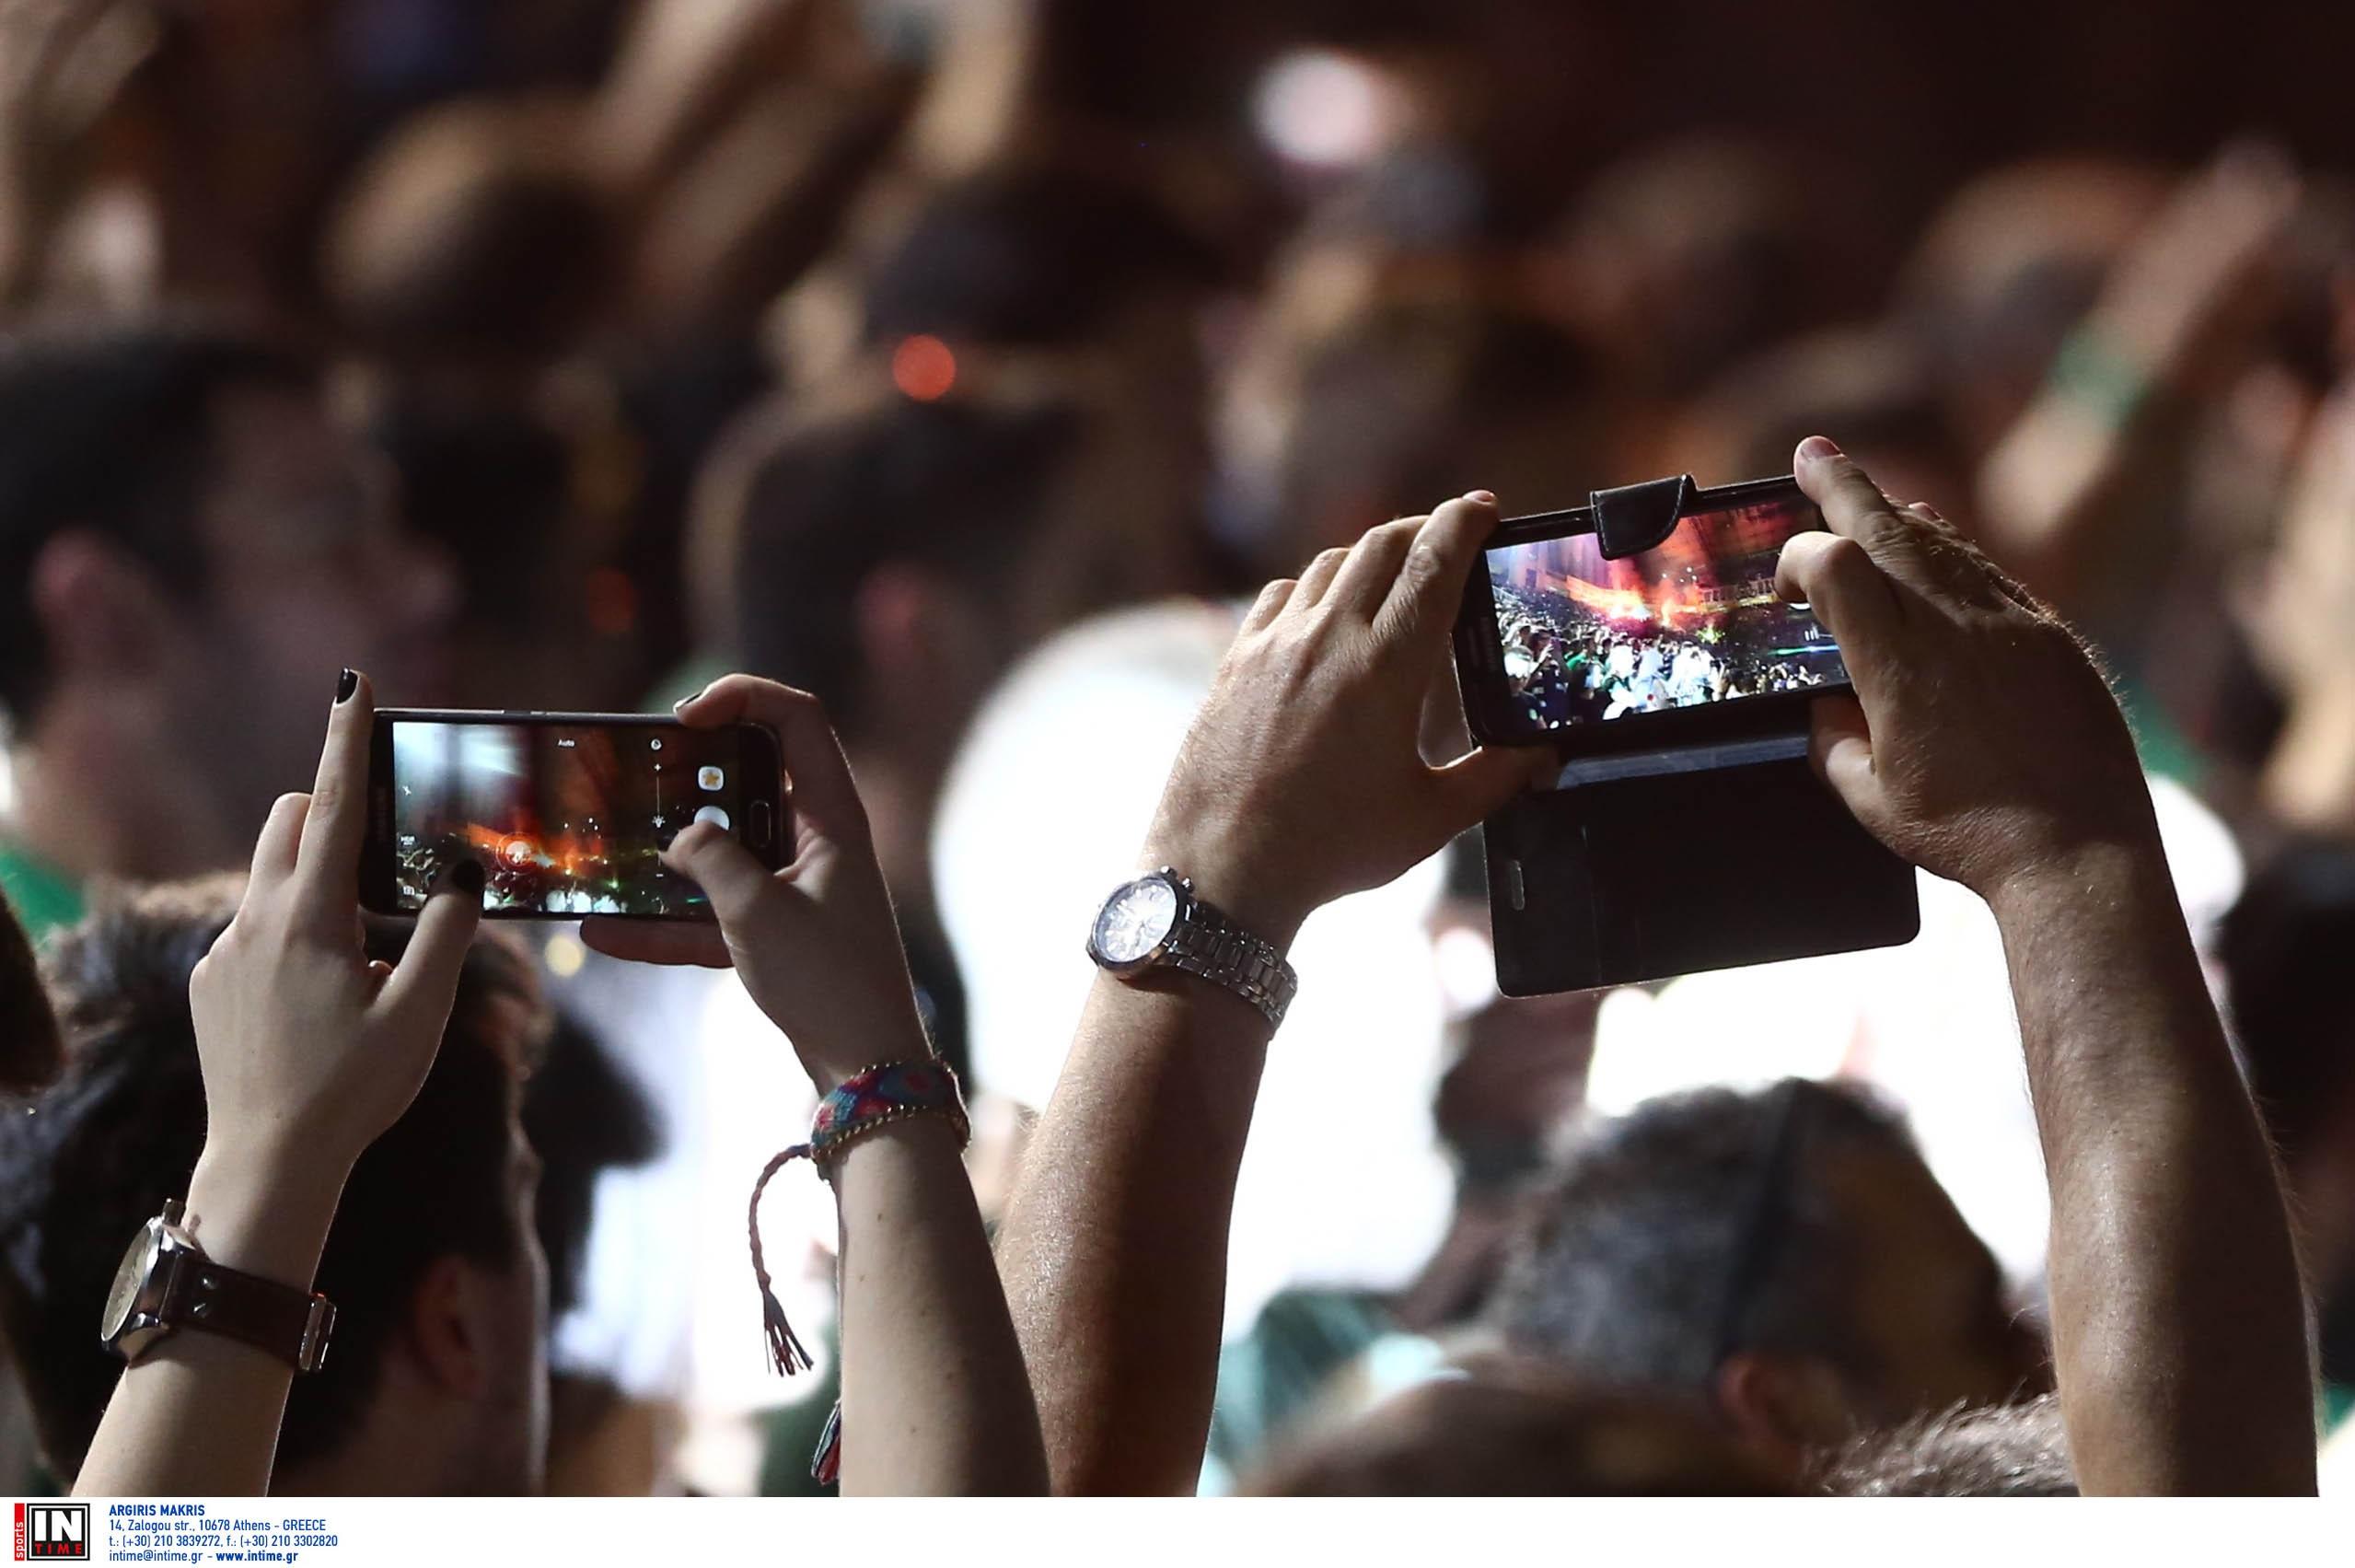 Νέες προσφορές και περισσότερα Data από τις εταιρίες κινητής τηλεφωνίας μετά το ραντεβού με Μητσοτάκη